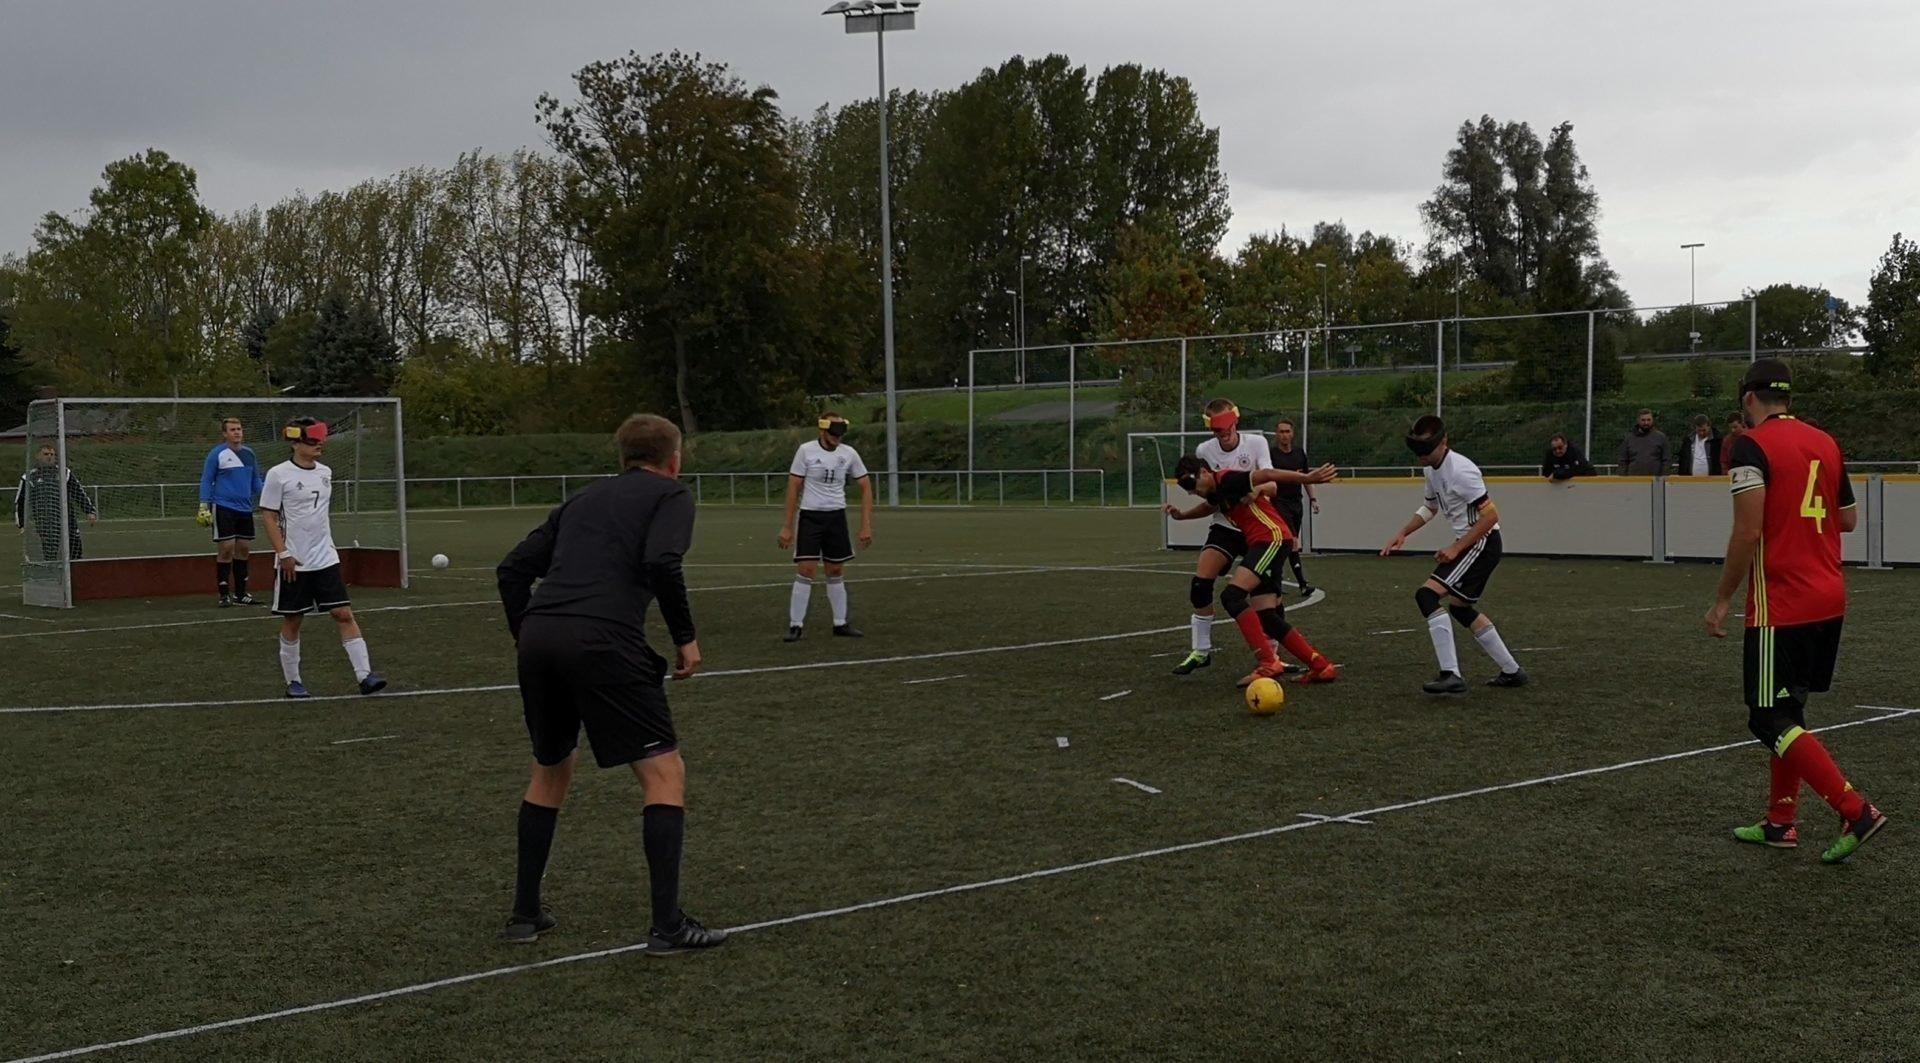 Für den Belgier Alexandre Wespes (rot-schwarzes Trikot) ist in dieser Situation kein Durchkommen. Foto: Jonas Bargmann